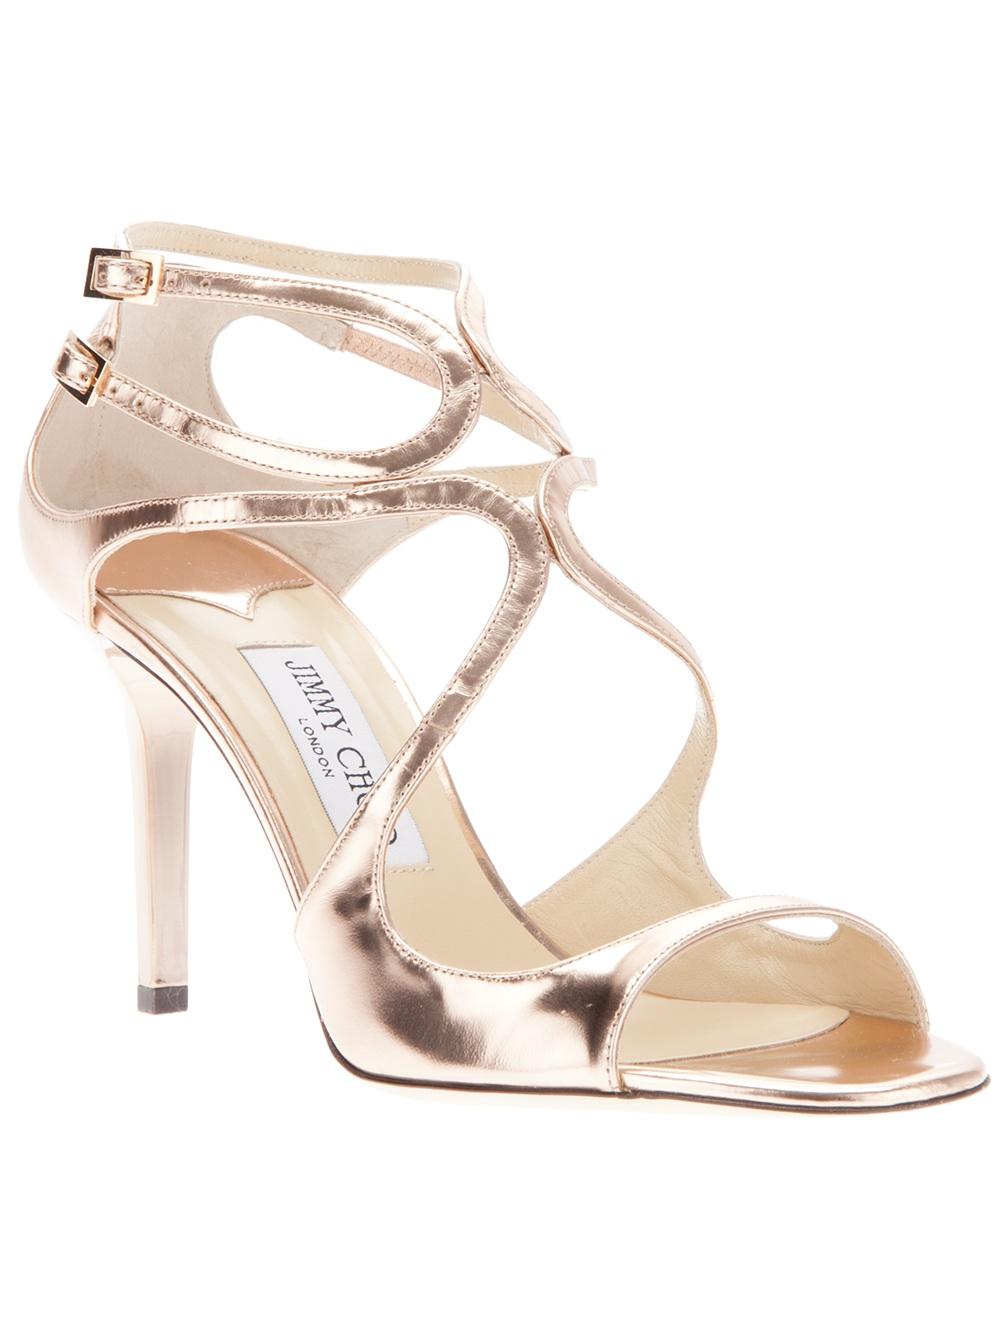 Jimmy Choo Ivette Sandal in Gold